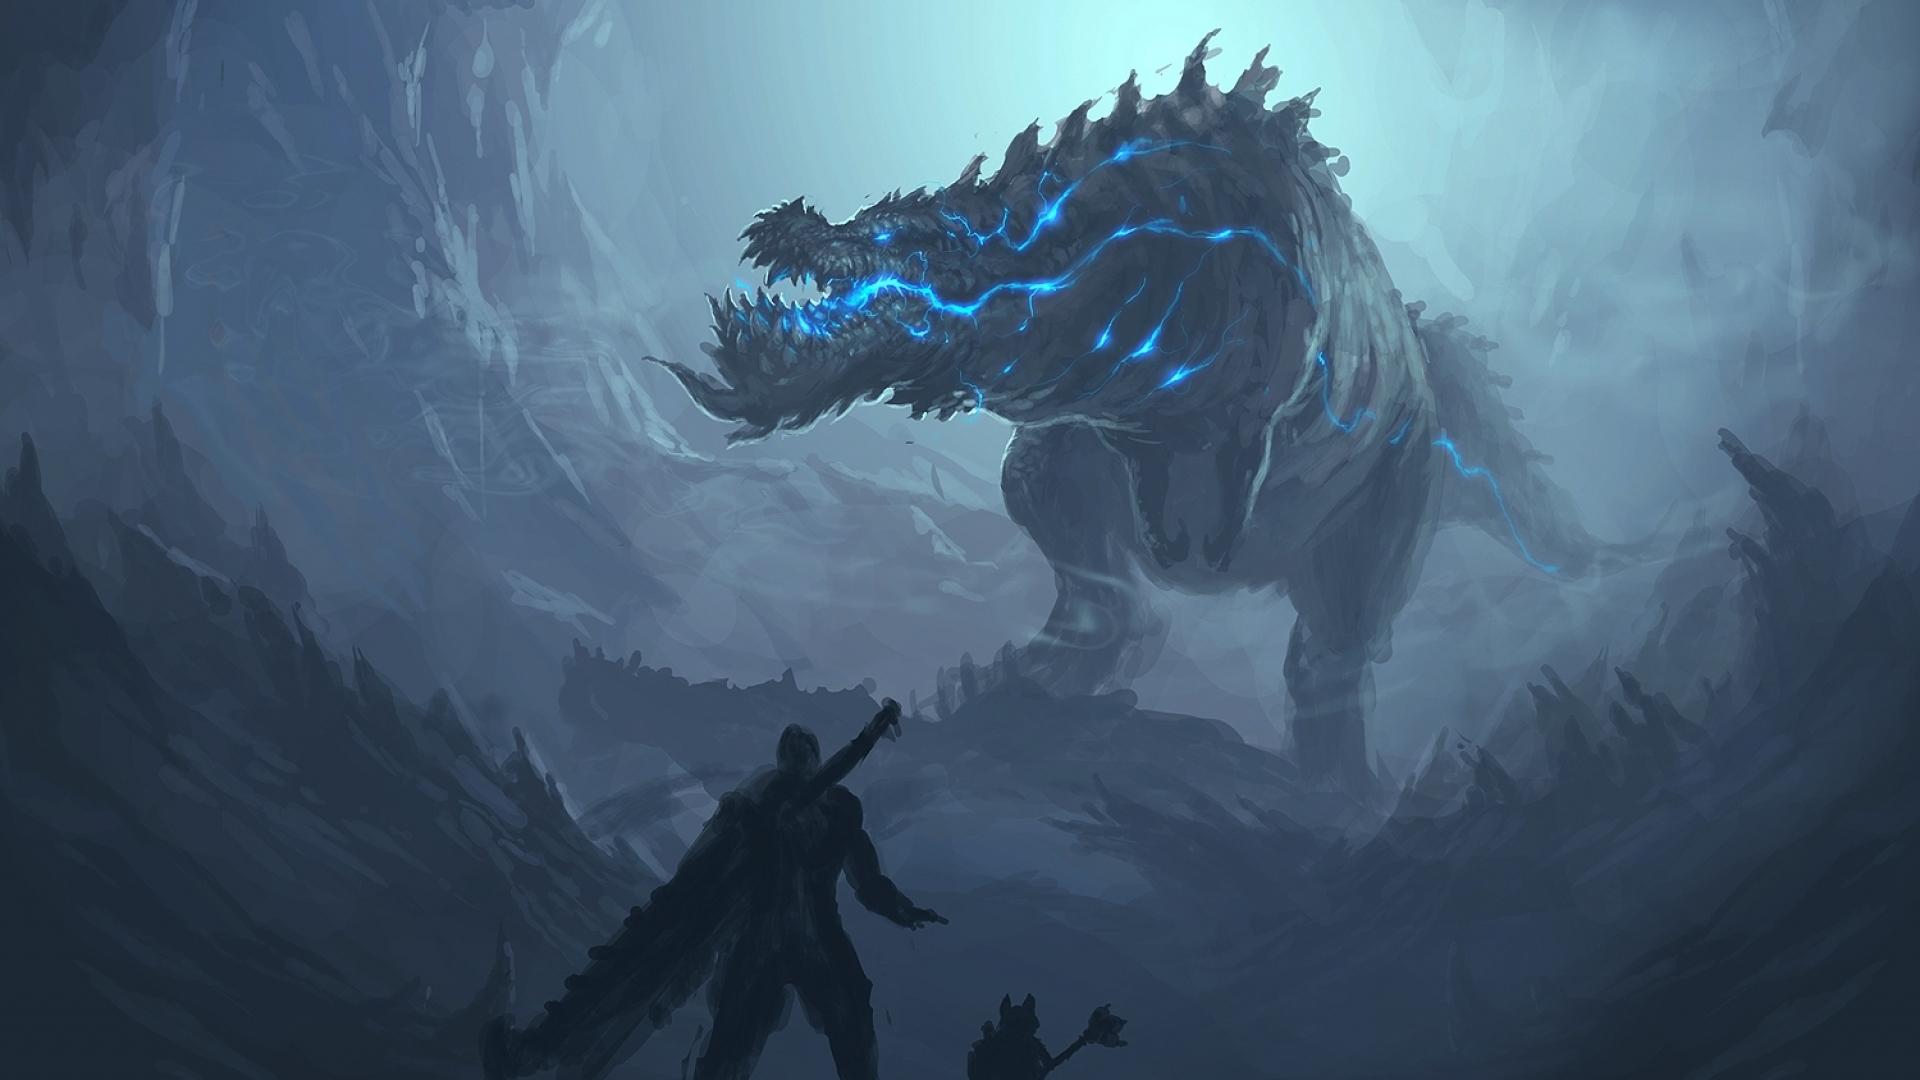 1536444991_cropped-1920-1080-749574.jpg - Monster Hunter: World